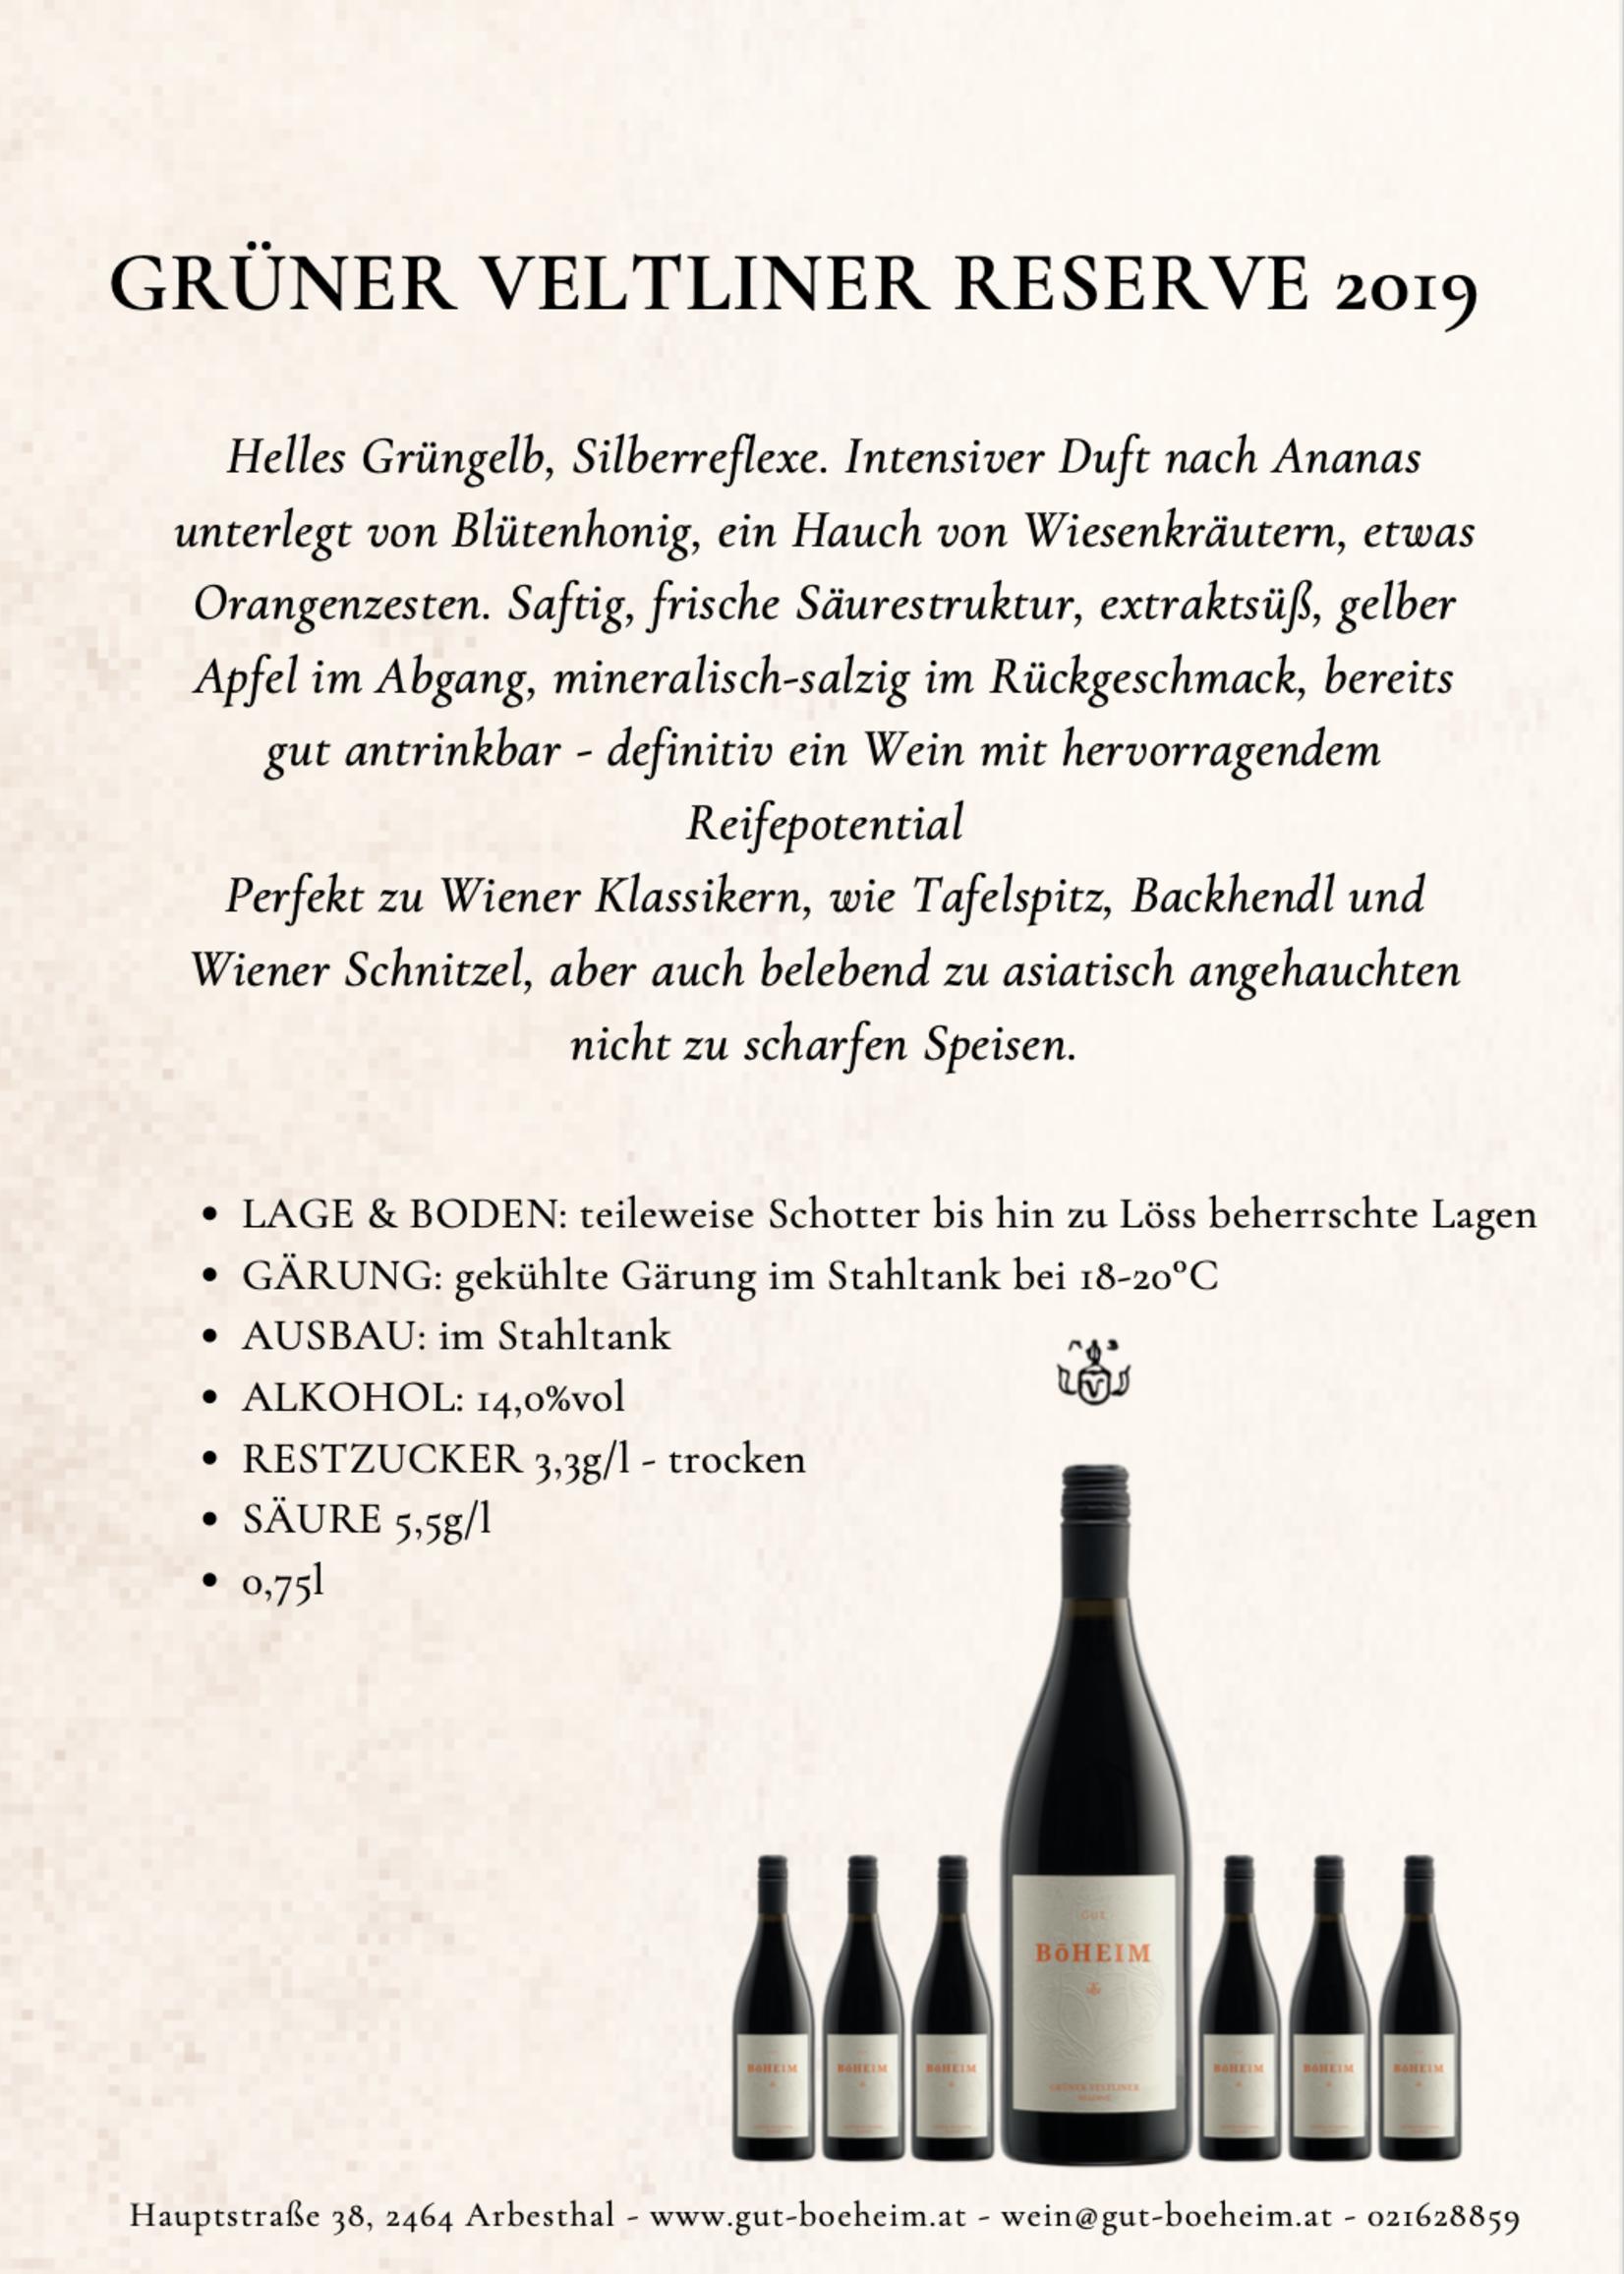 Grüner Veltliner Reserve 2019 0,75 l vom Weingut Böheim